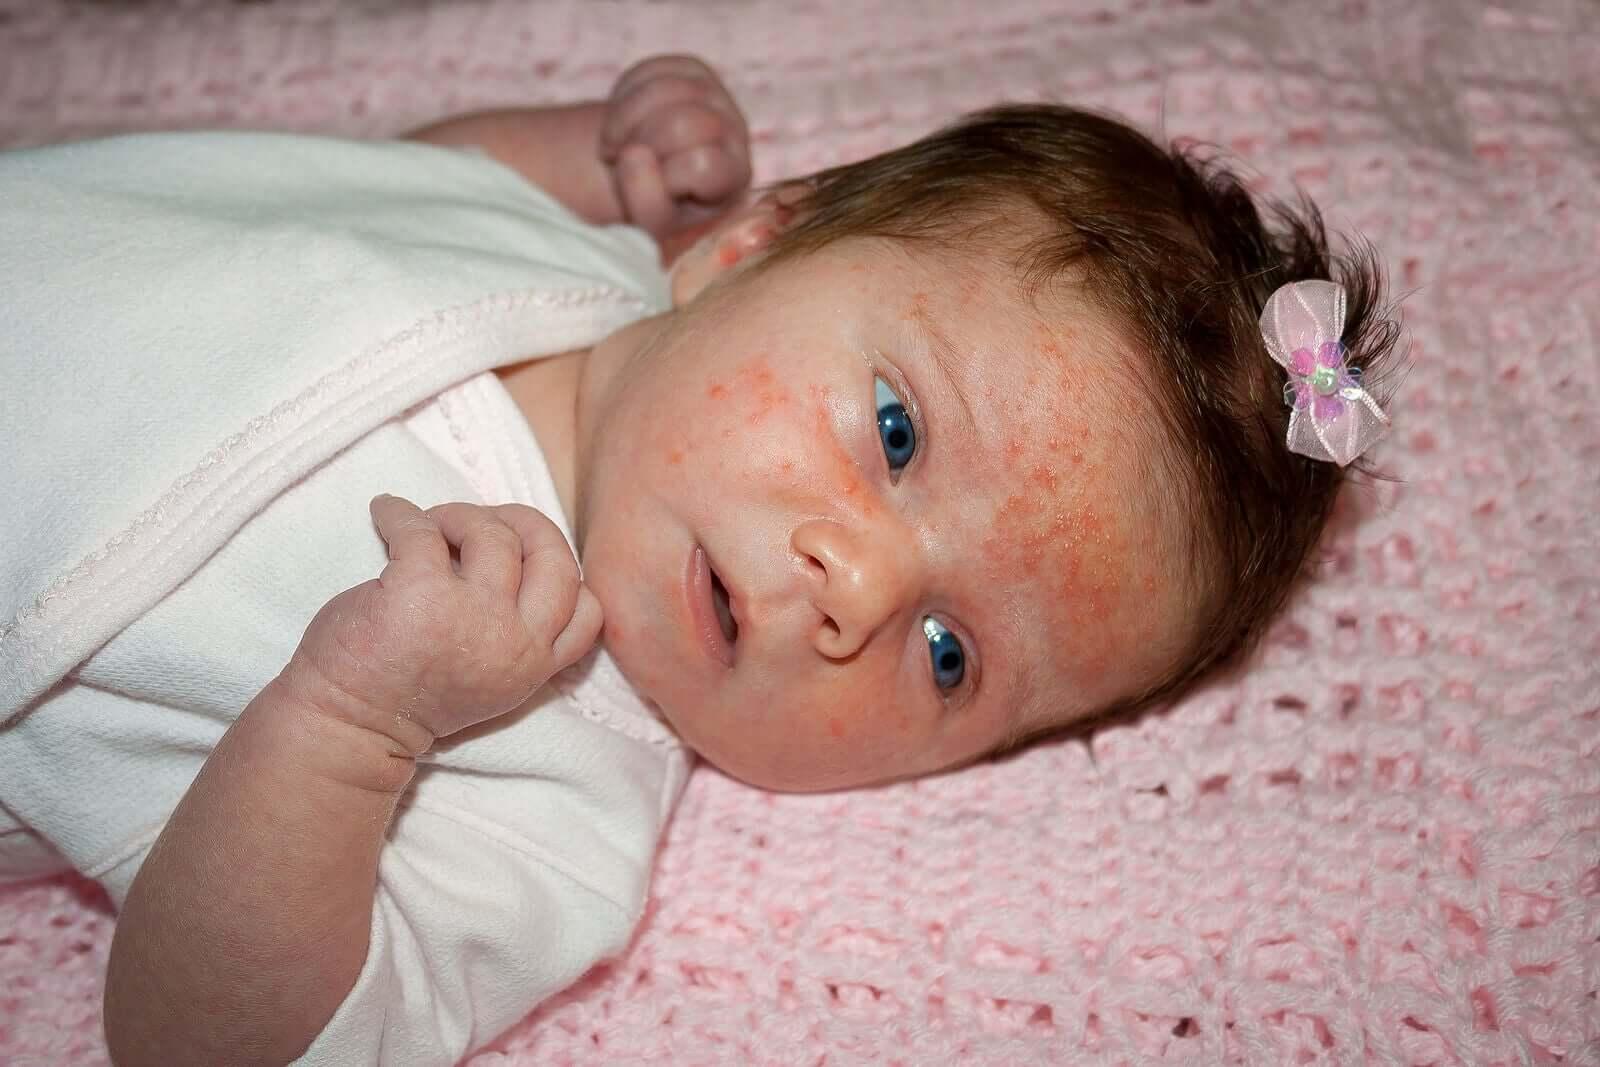 Une petite fille avec de l'eczéma sur le visage.